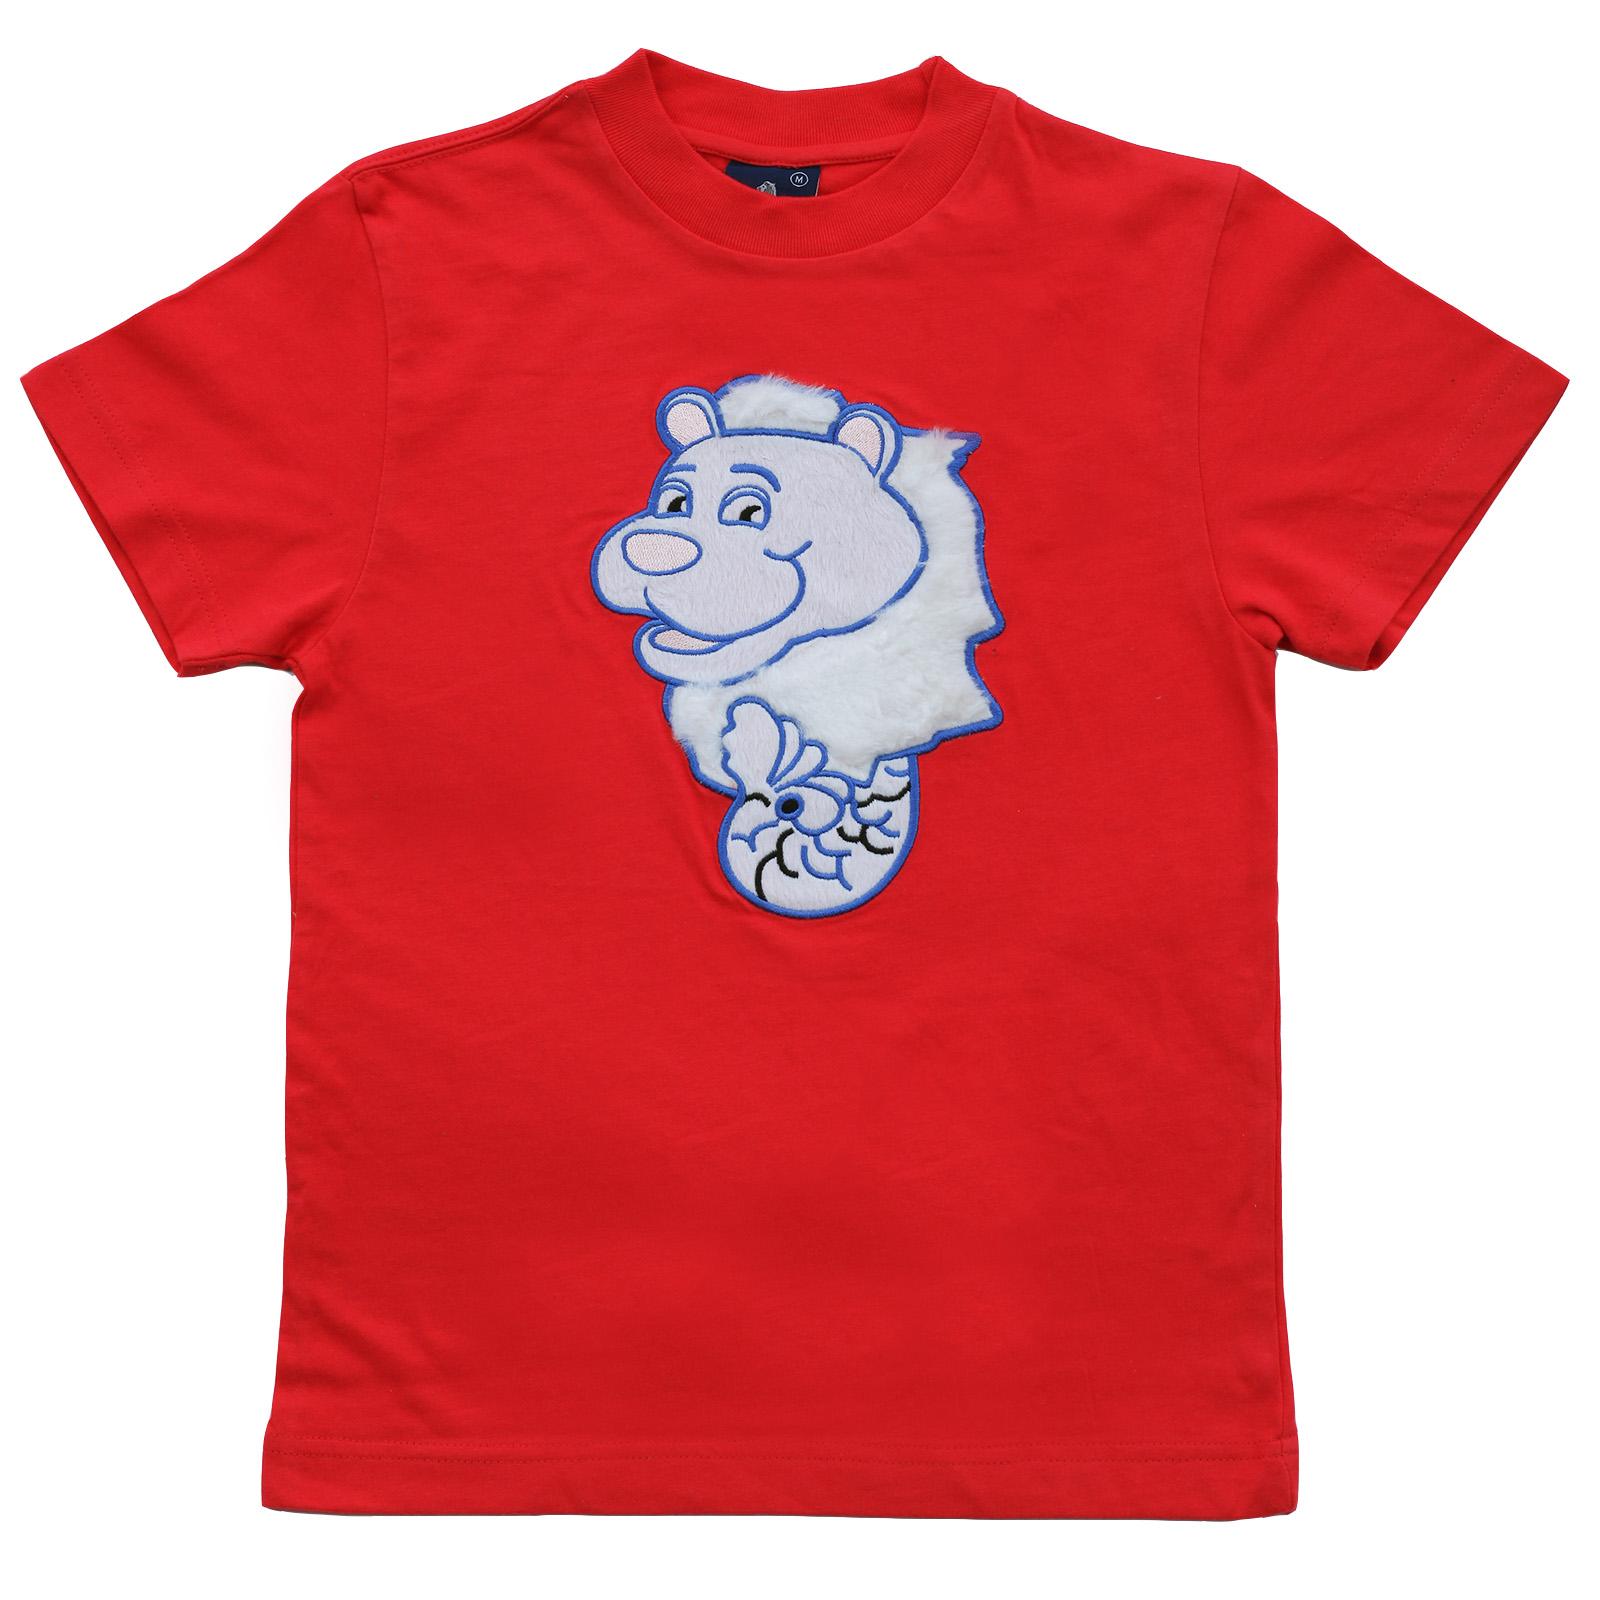 Купить яркую детскую футболку от Merlion's Choise®  по низкой цене